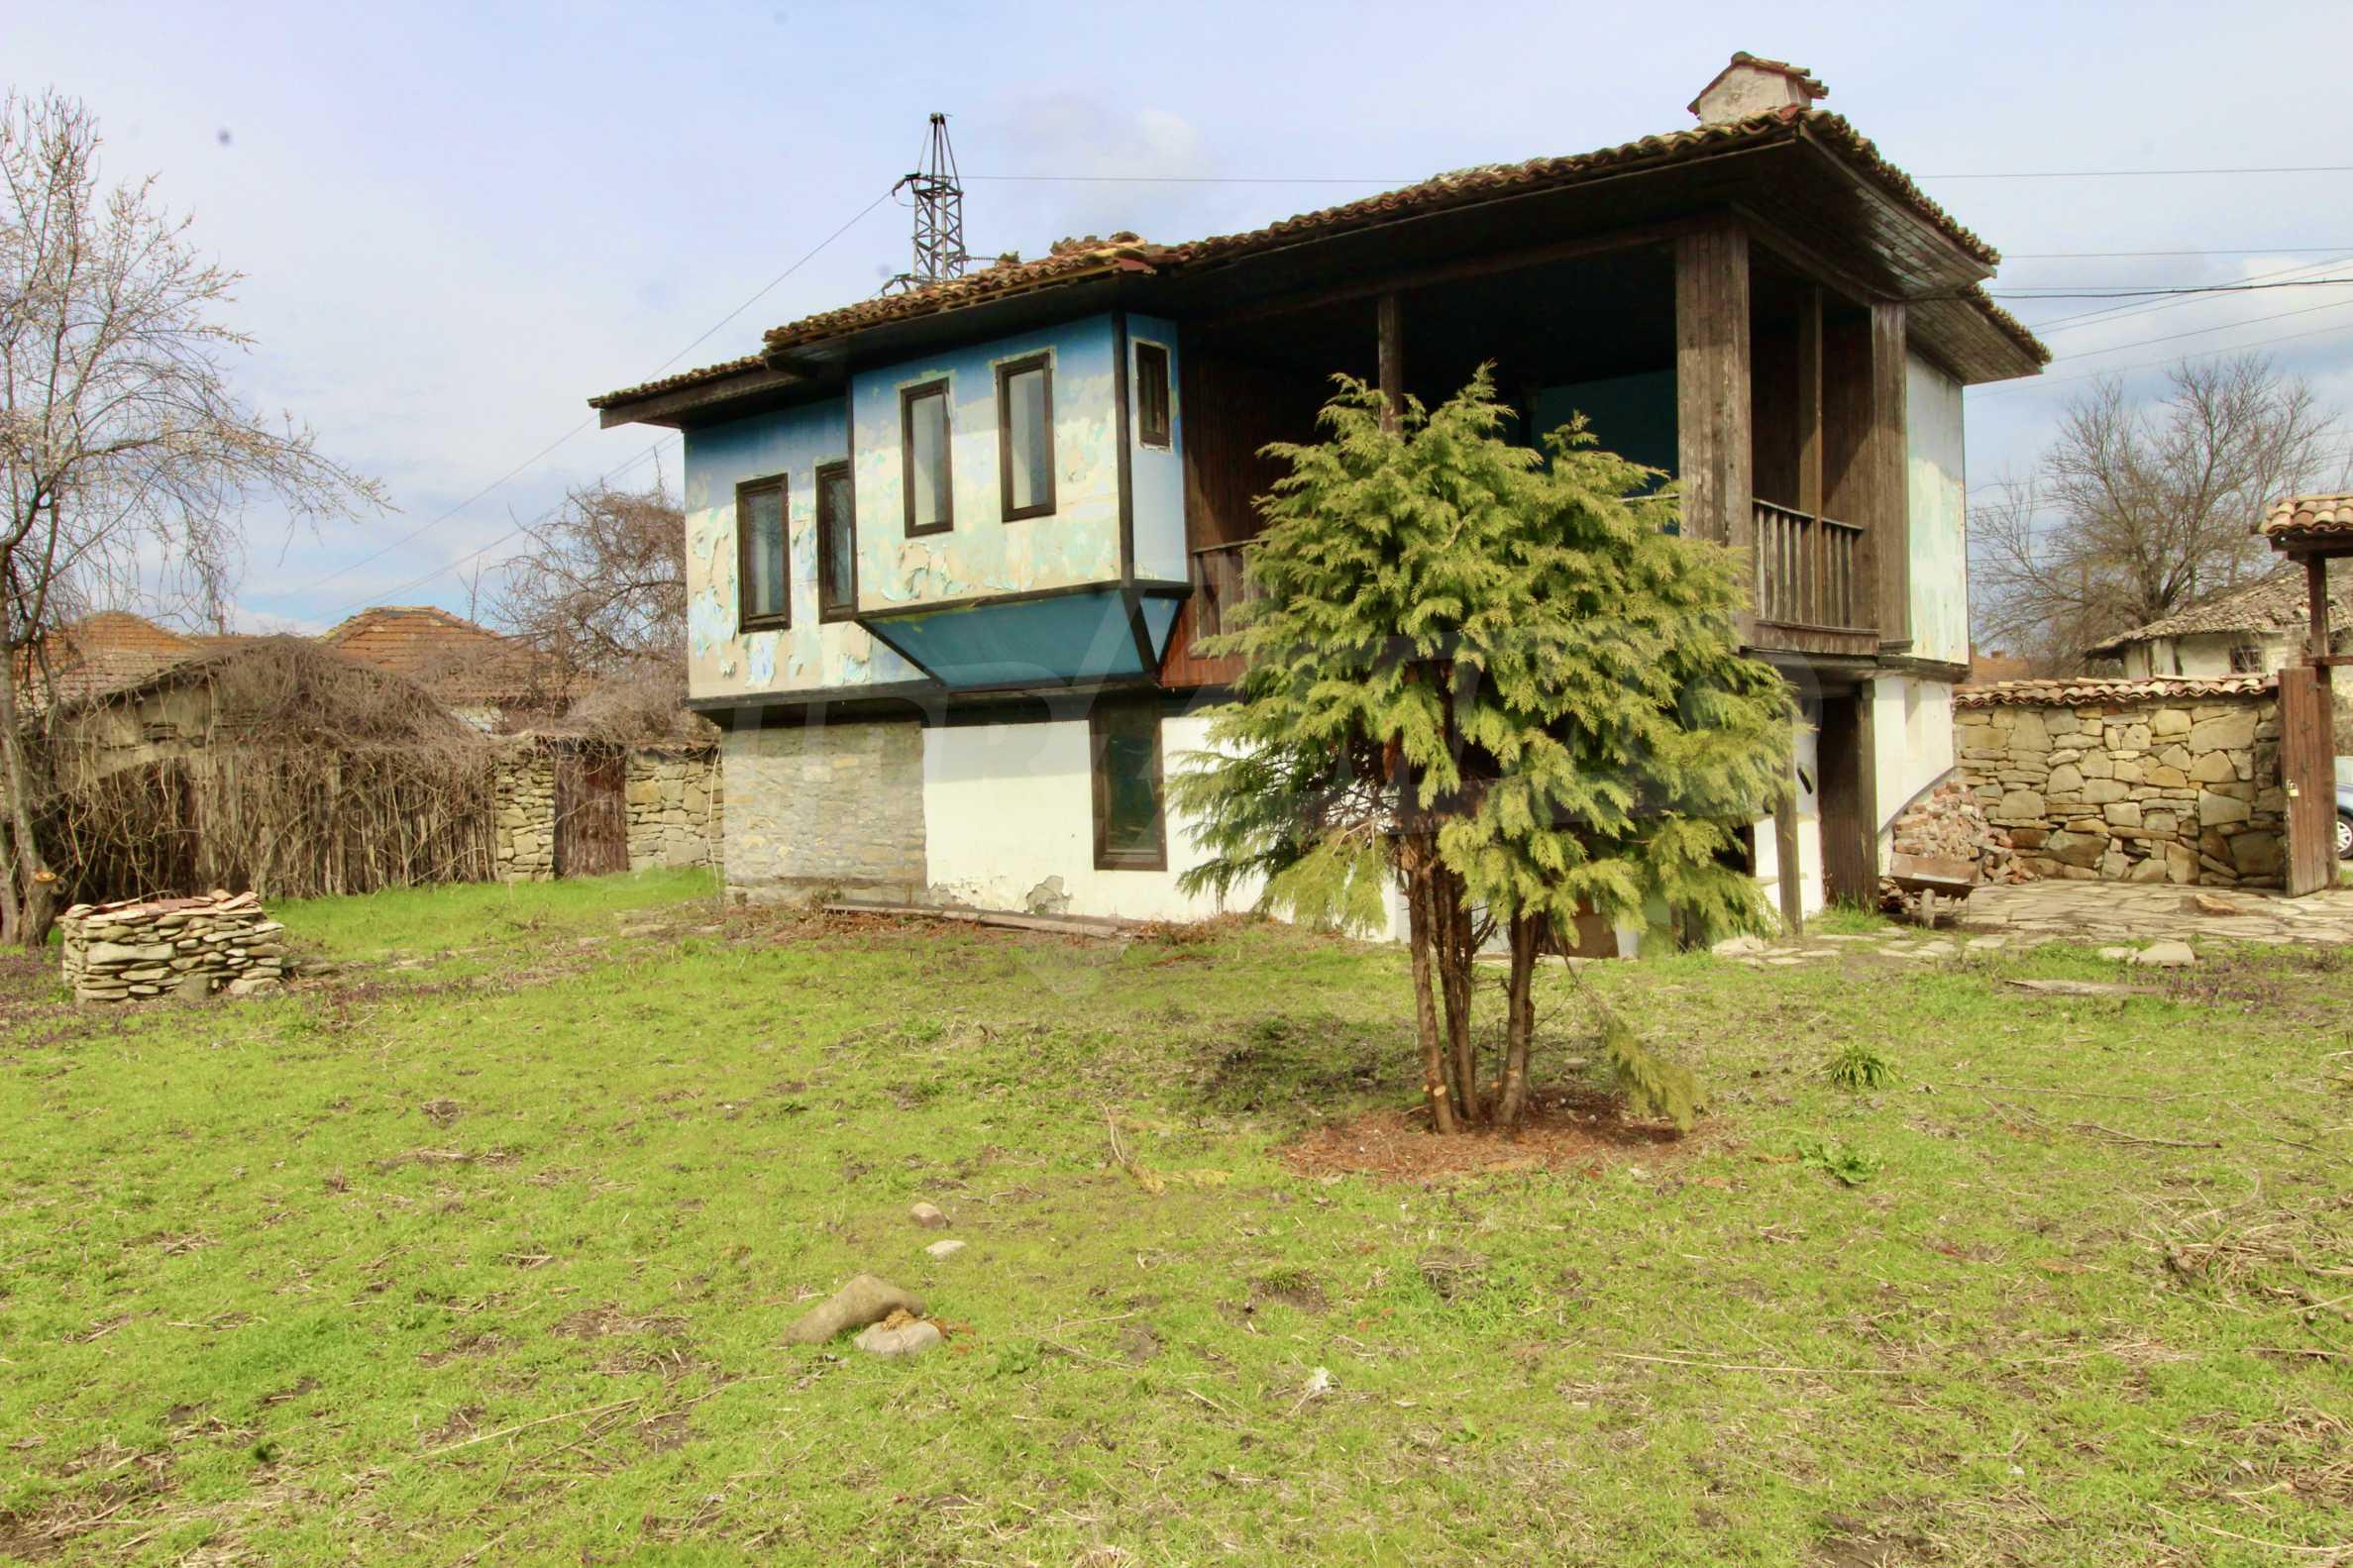 Двуетажна къща с голпм двор в село на 30 км от Велико Търново